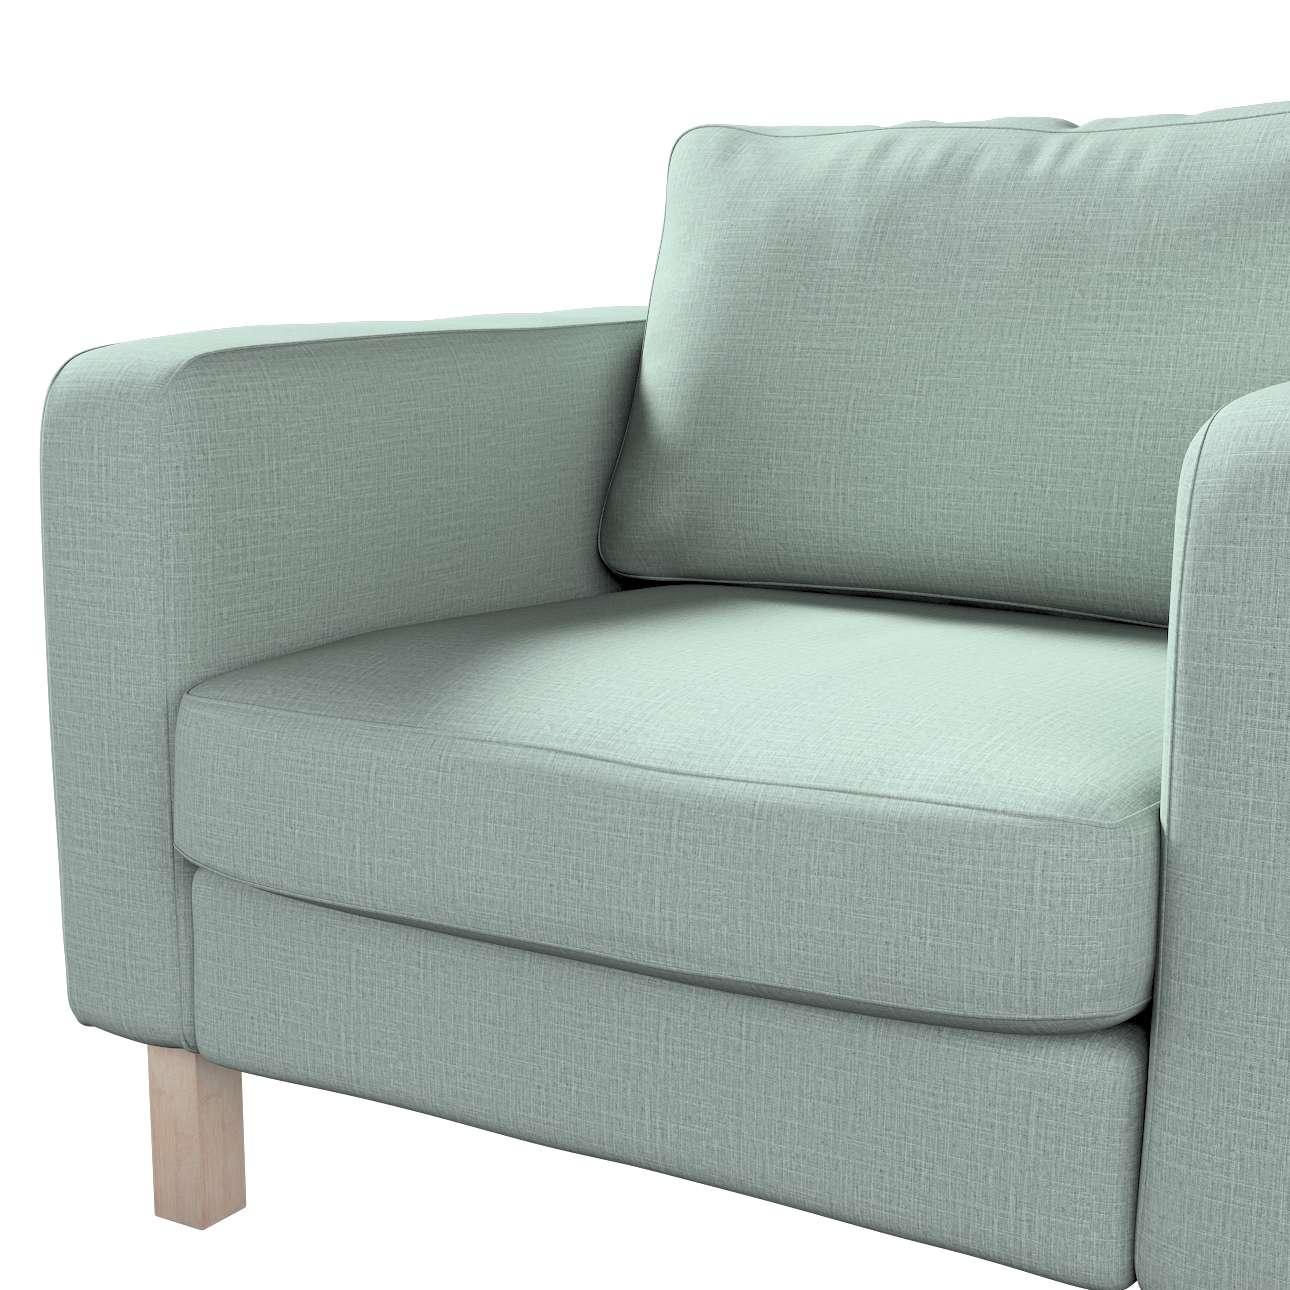 Karlstad päällinen nojatuoli mallistosta Living 2, Kangas: 160-86